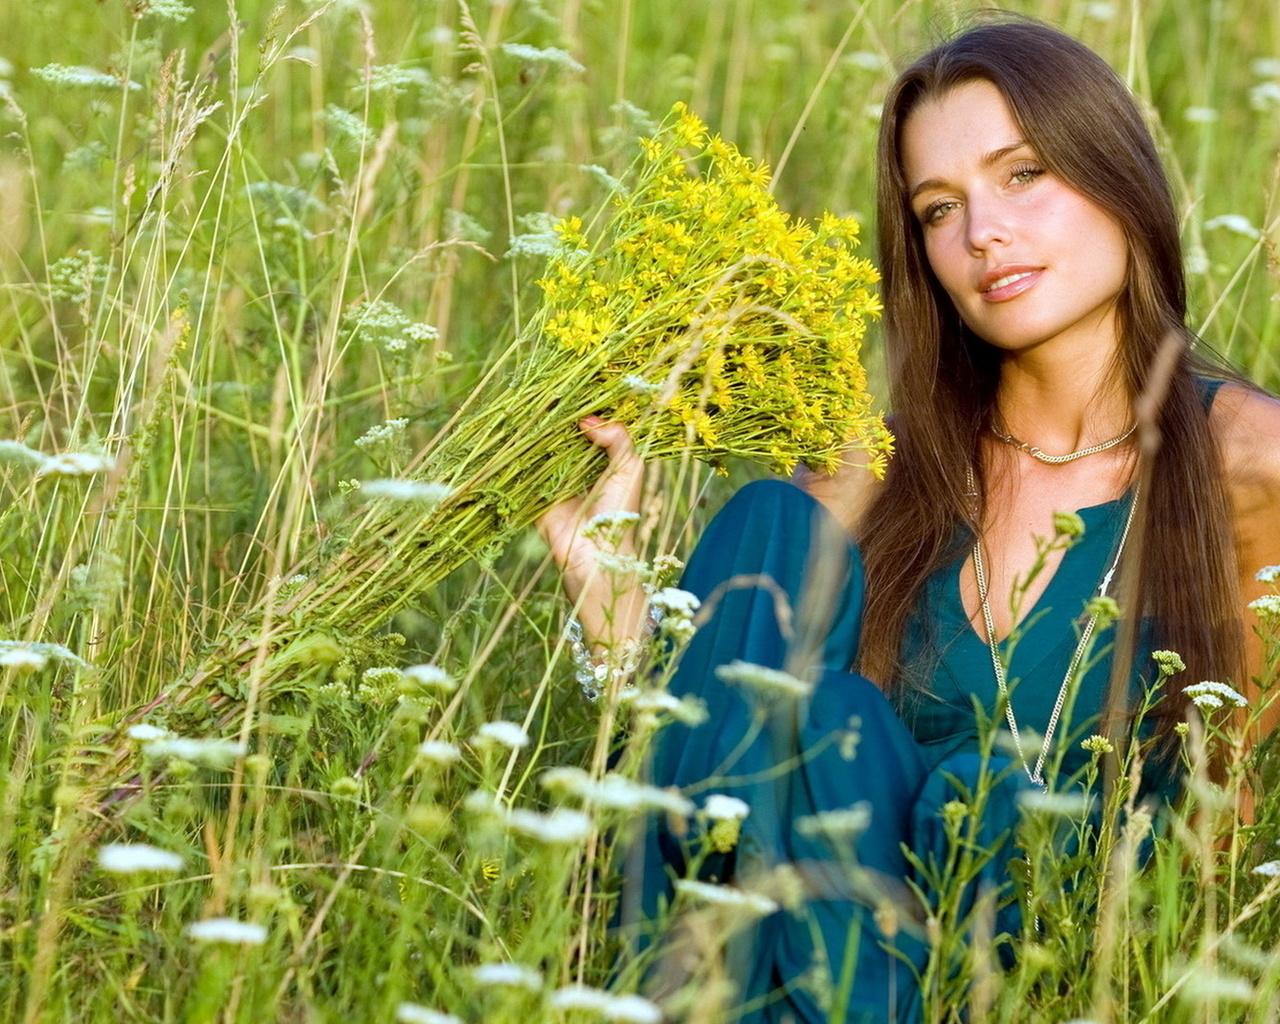 Фото русских девушек летом — pic 10